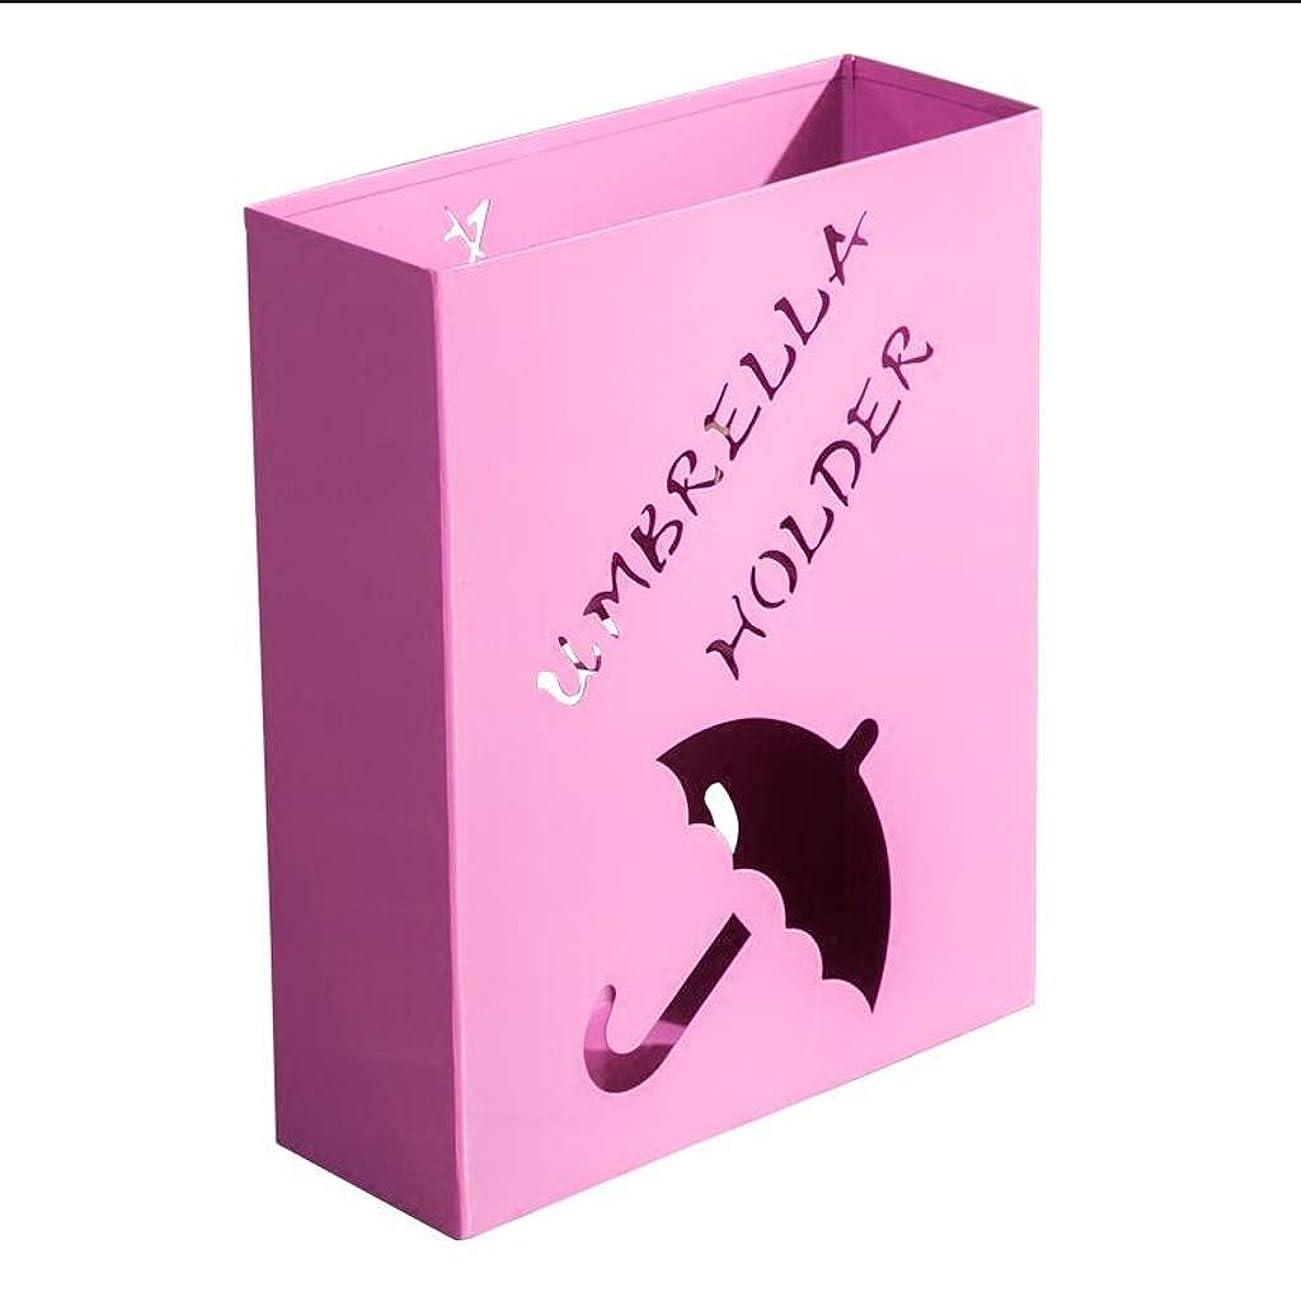 レトルトメタルラインピーブロビー傘錬鉄収納ラック/家庭用傘置き収納バケット/ホームランディング傘立て/WSWQWQ (Color : Pink)